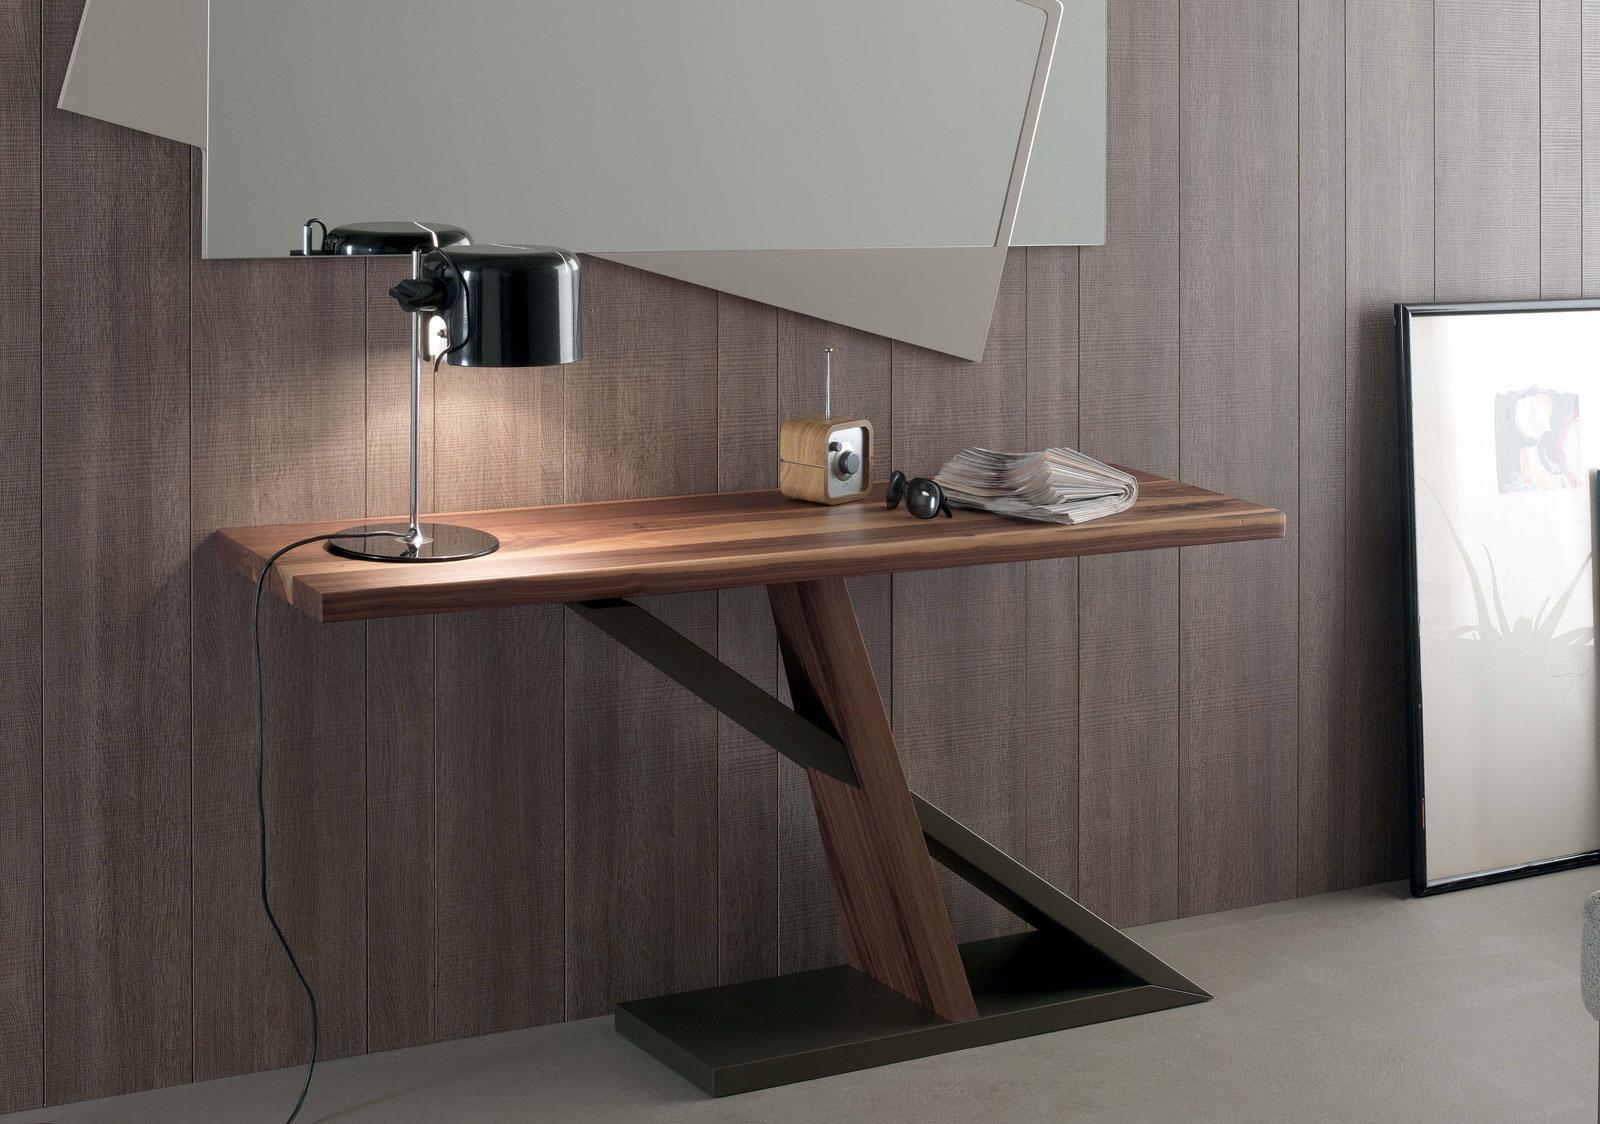 Une console rectangulaire bicolore originale et moderne conçue par Andrea Lucatello. Bois noyer canaletto et bronze. Livraison à domicile gratuite.